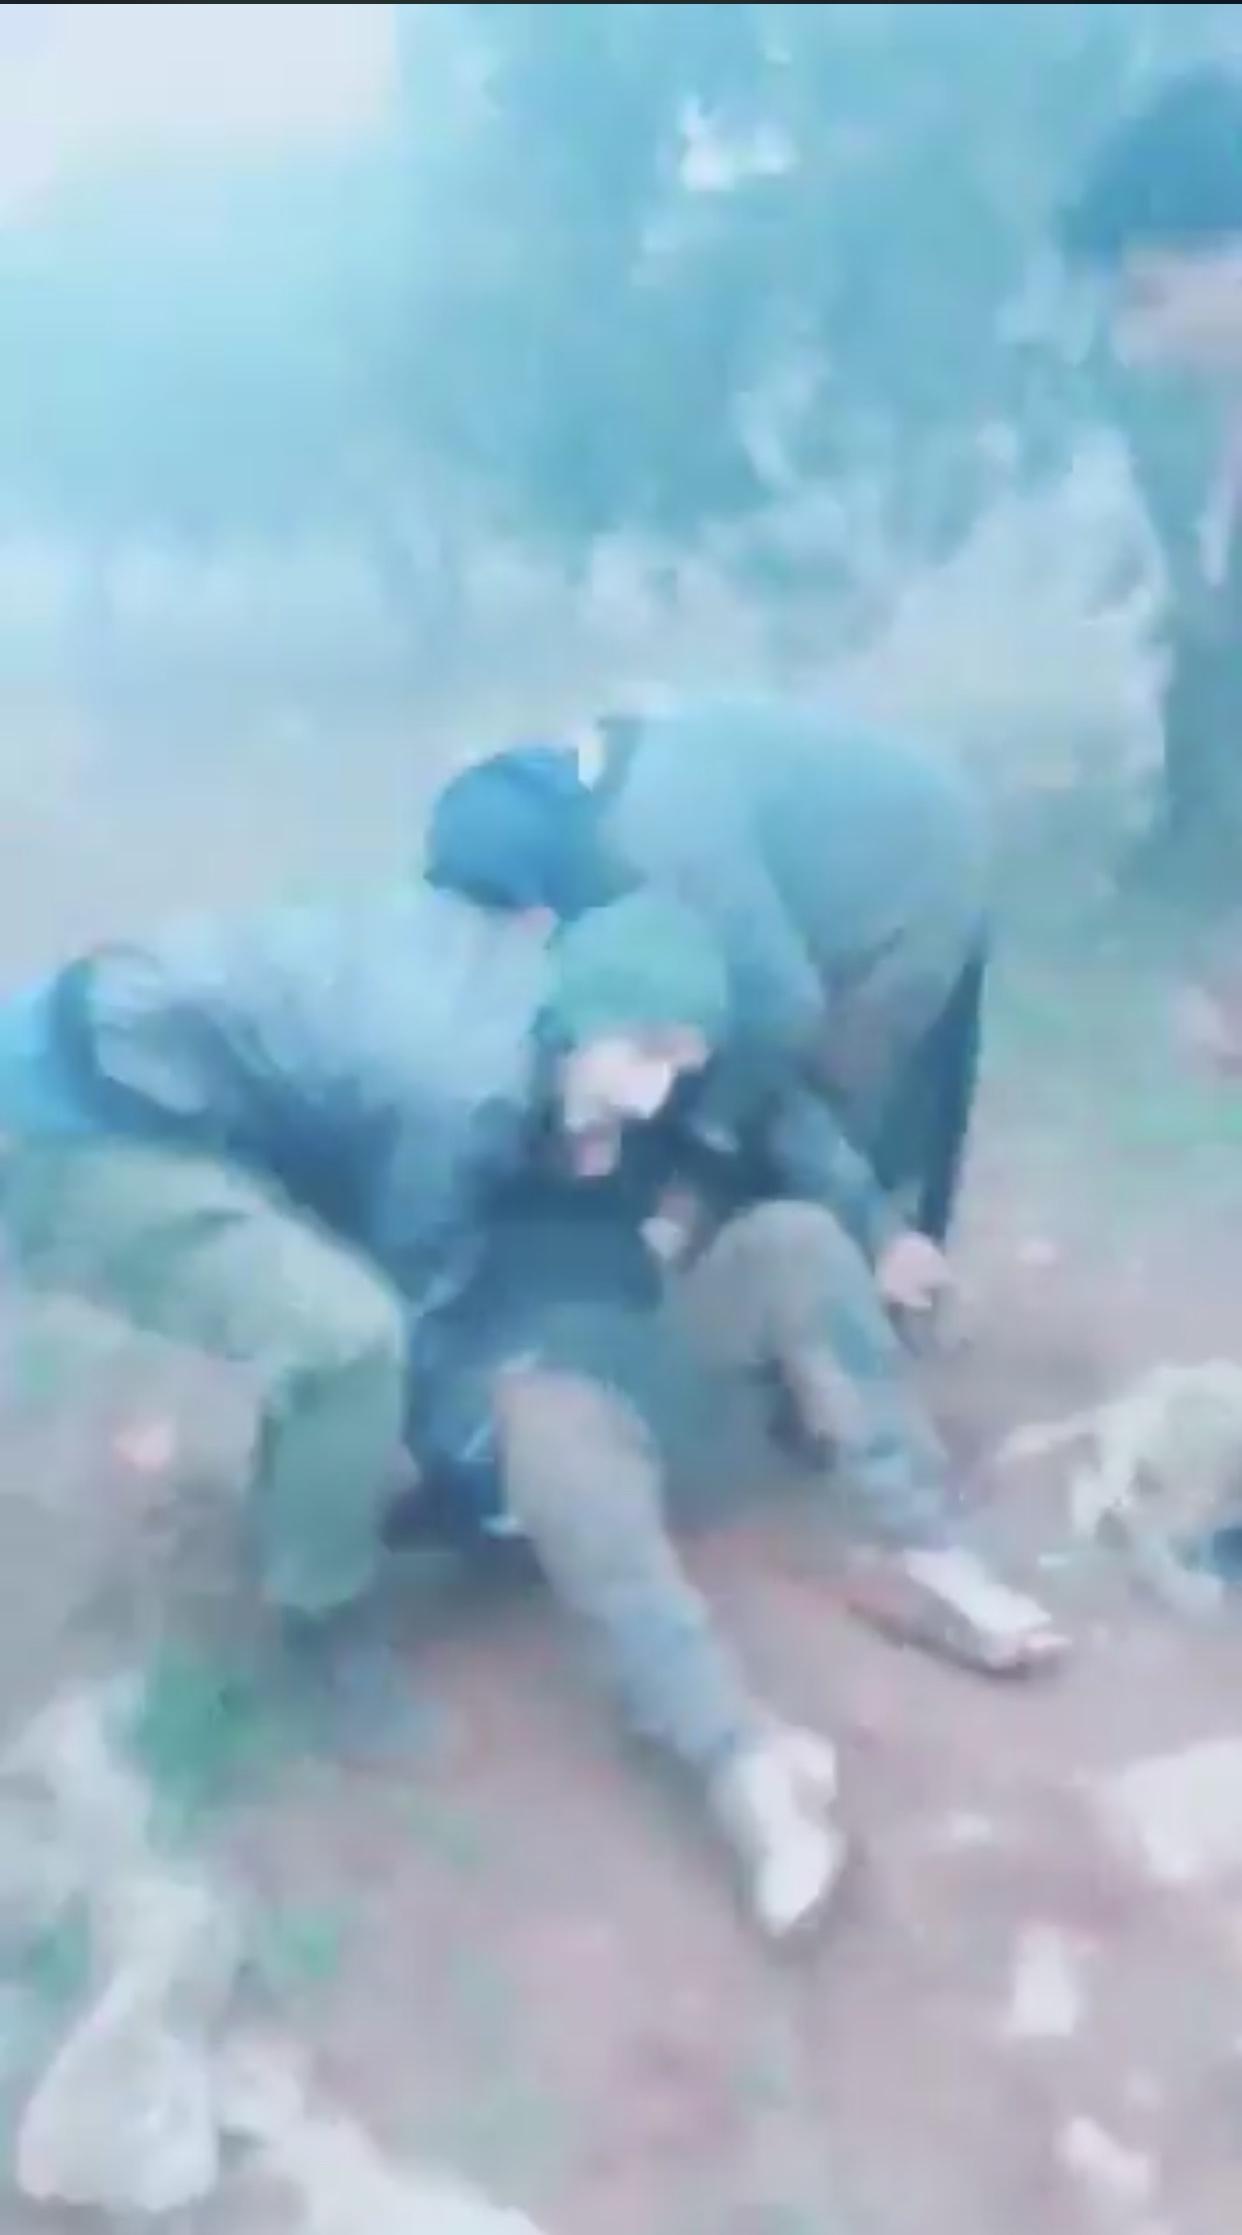 Οι τούρκοι δολοφόνησαν δύο γυναίκες, ένα παιδί και έναν άνδρα στα σύνορα!